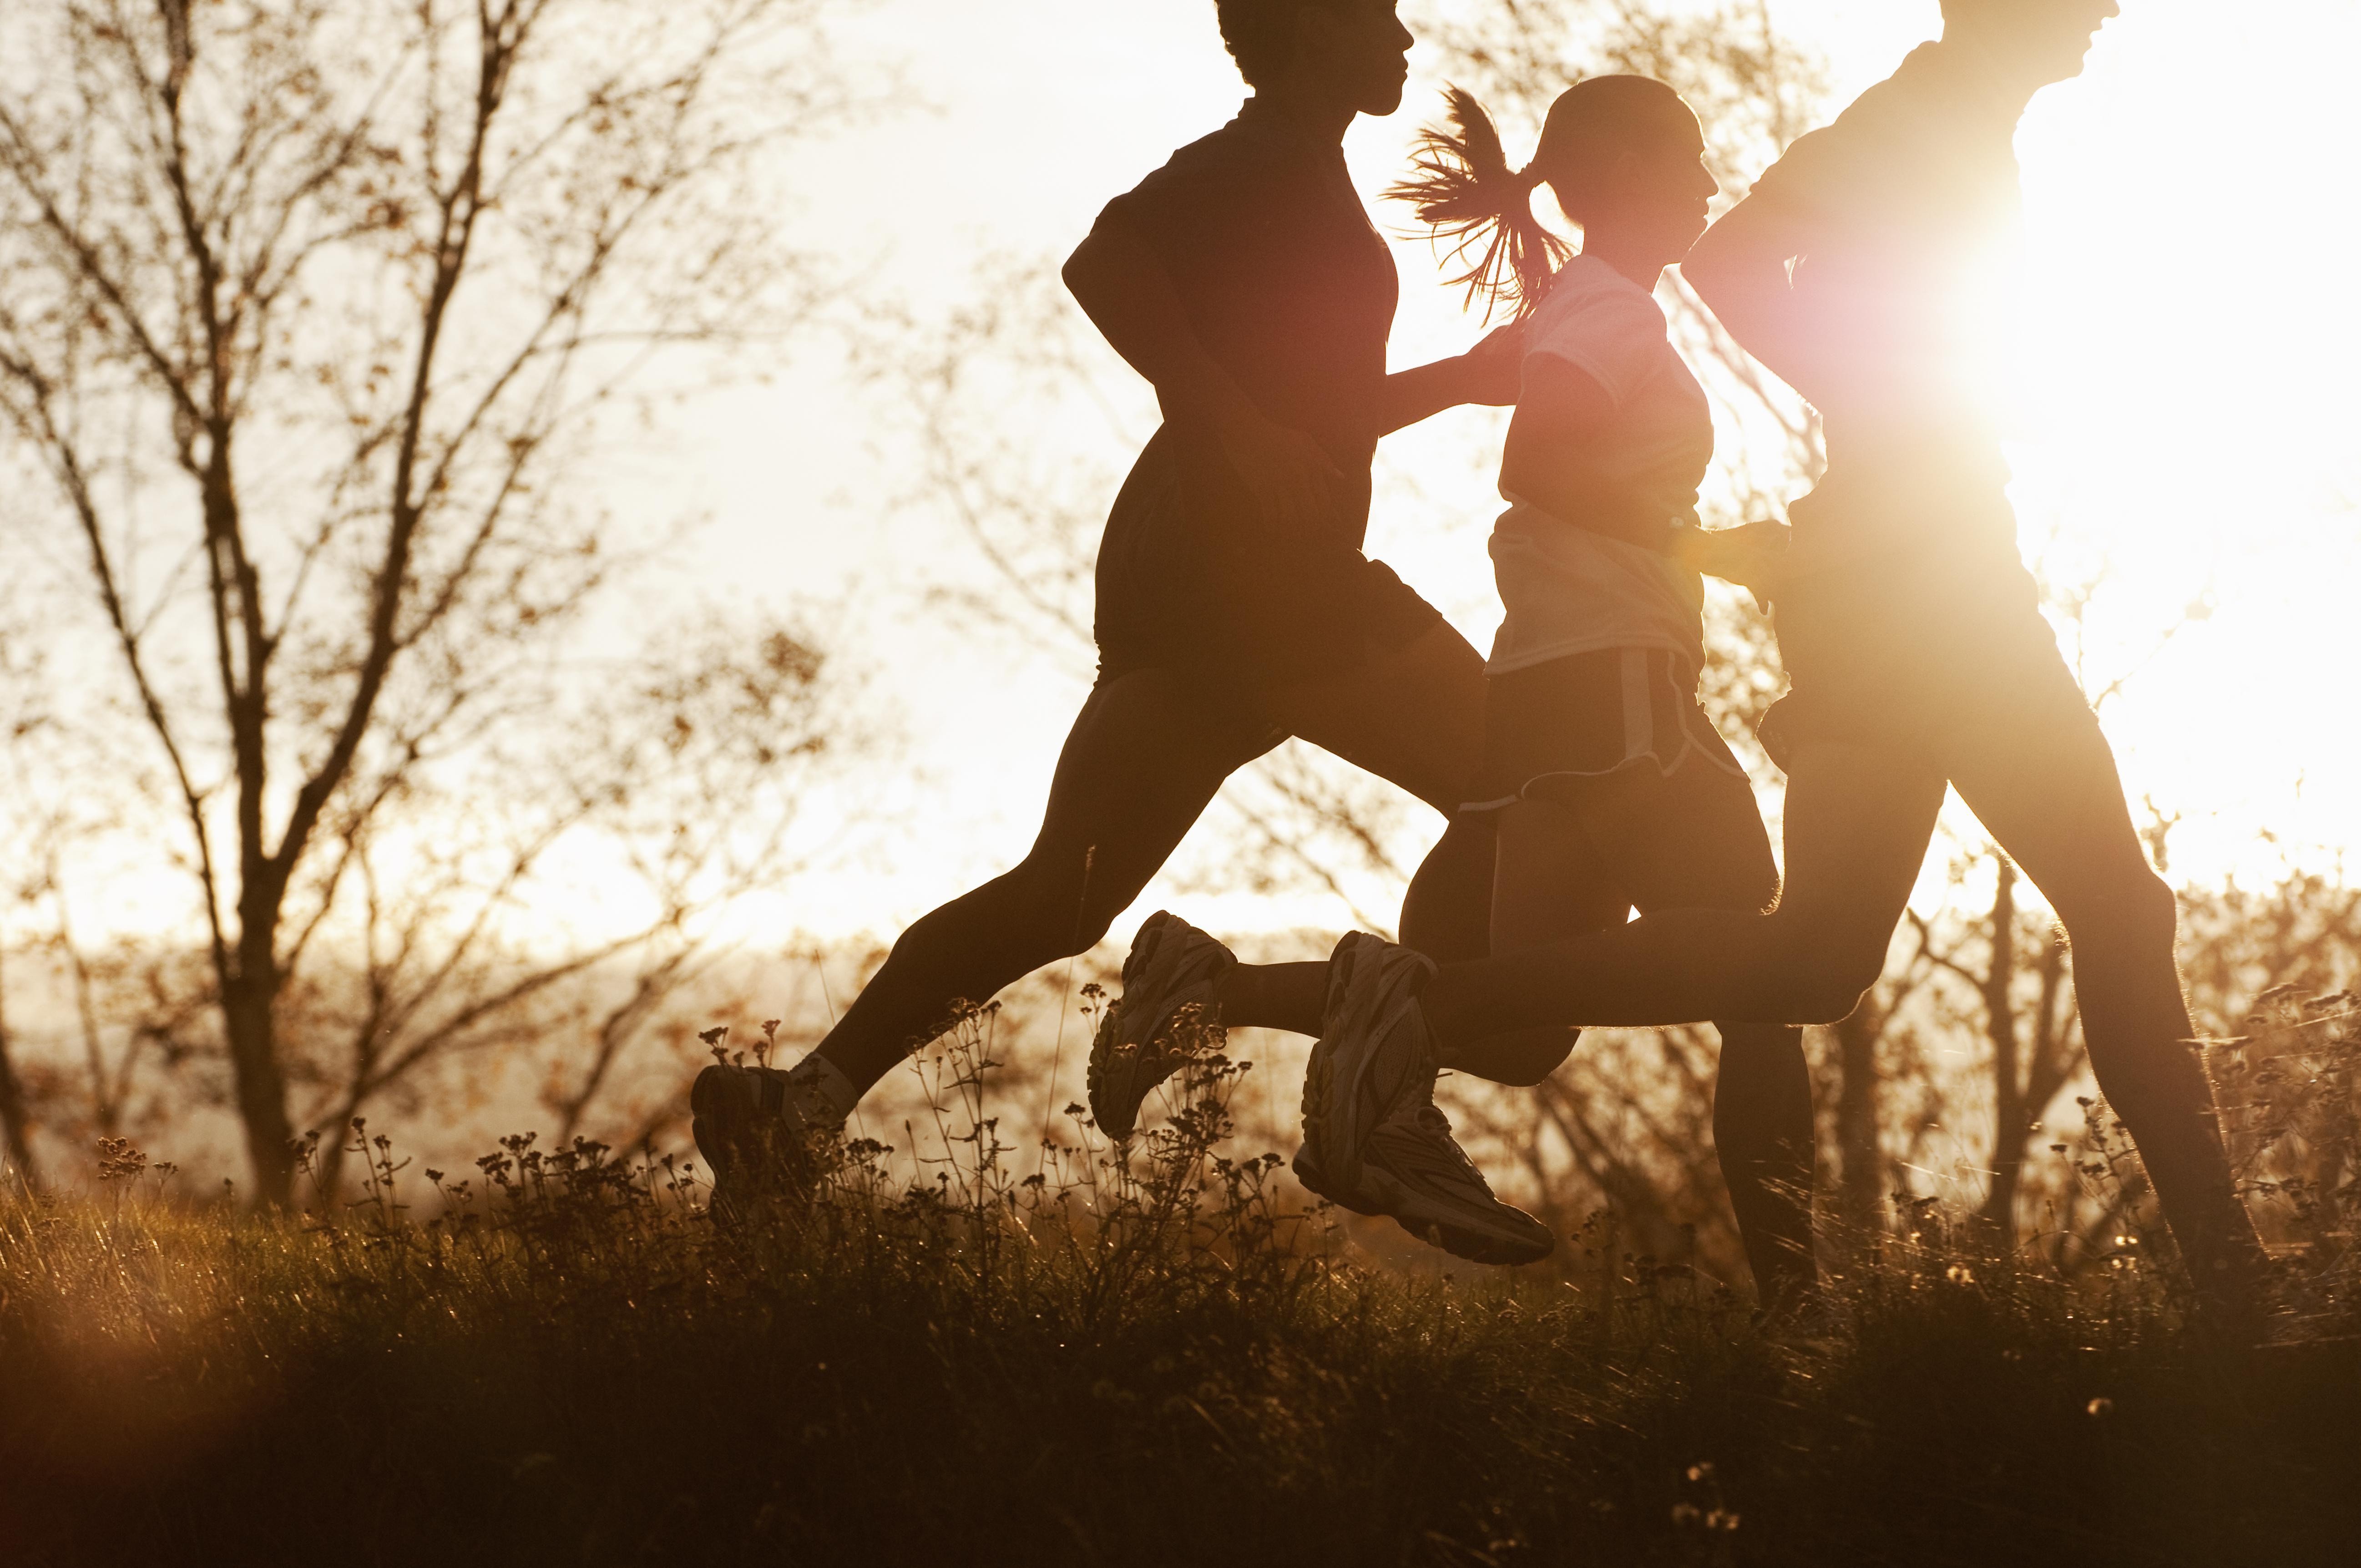 Does Running Burn More Calories than Walking?